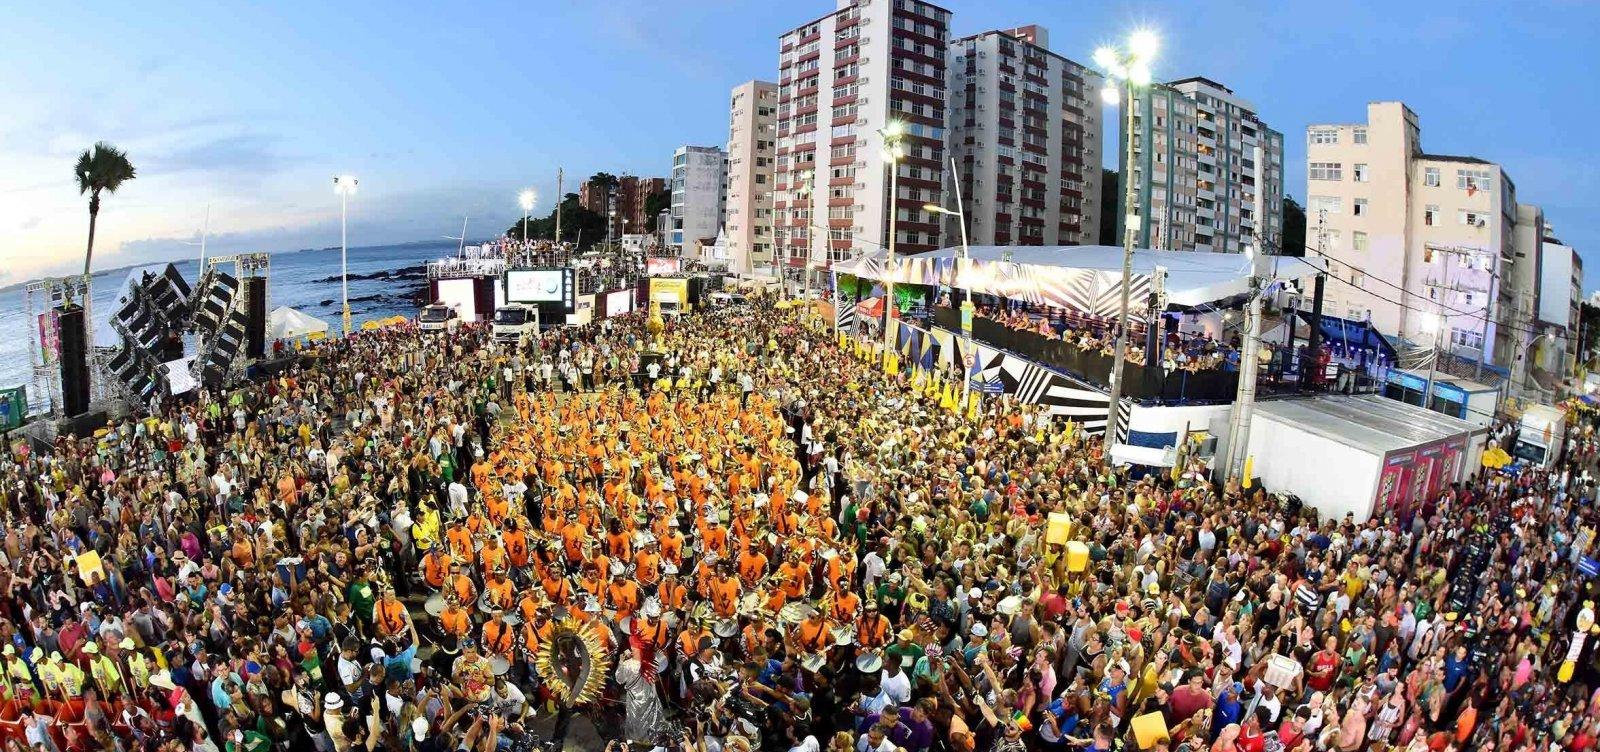 Com festa cancelada e lives, foliões aguardam 'Carnaval diferente'